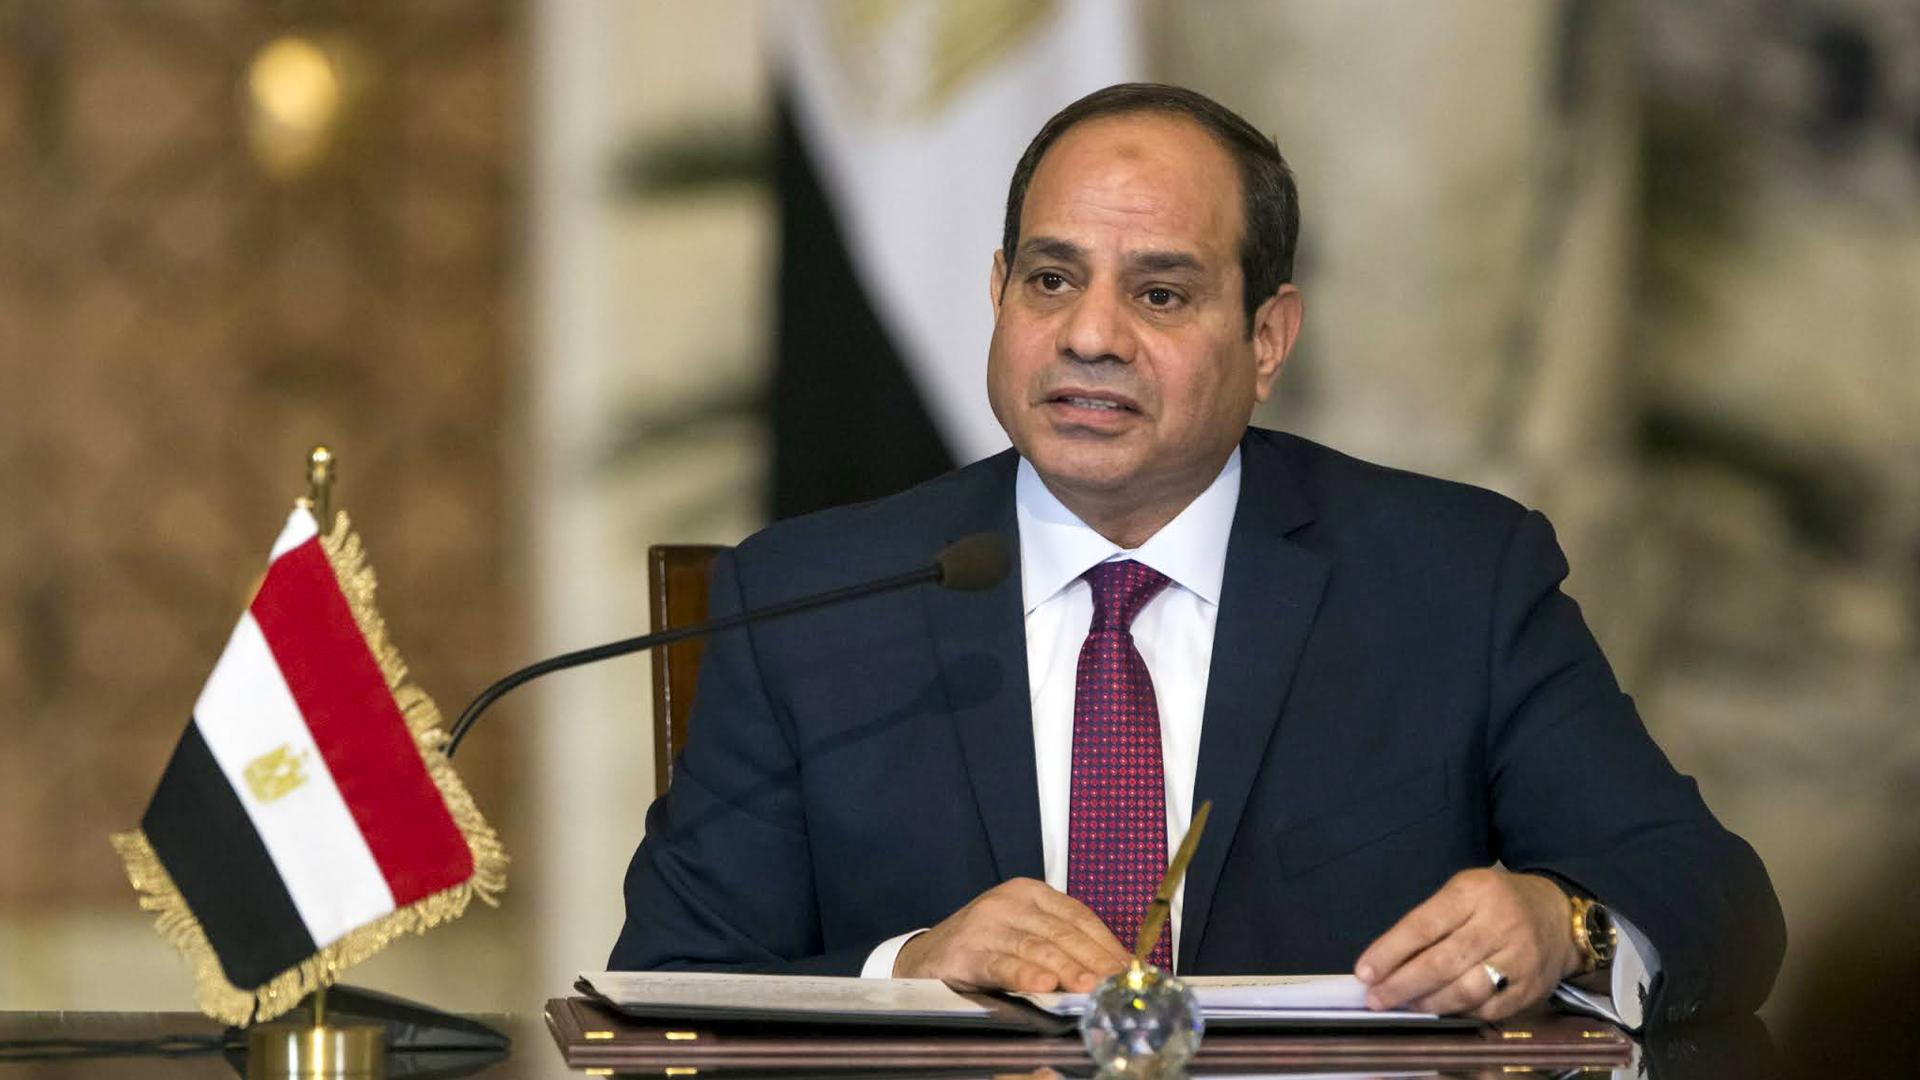 السيسي يؤكد لشعب مصر Egypt نريد أن نجعل نهر النيل نهراً للخير للجميع